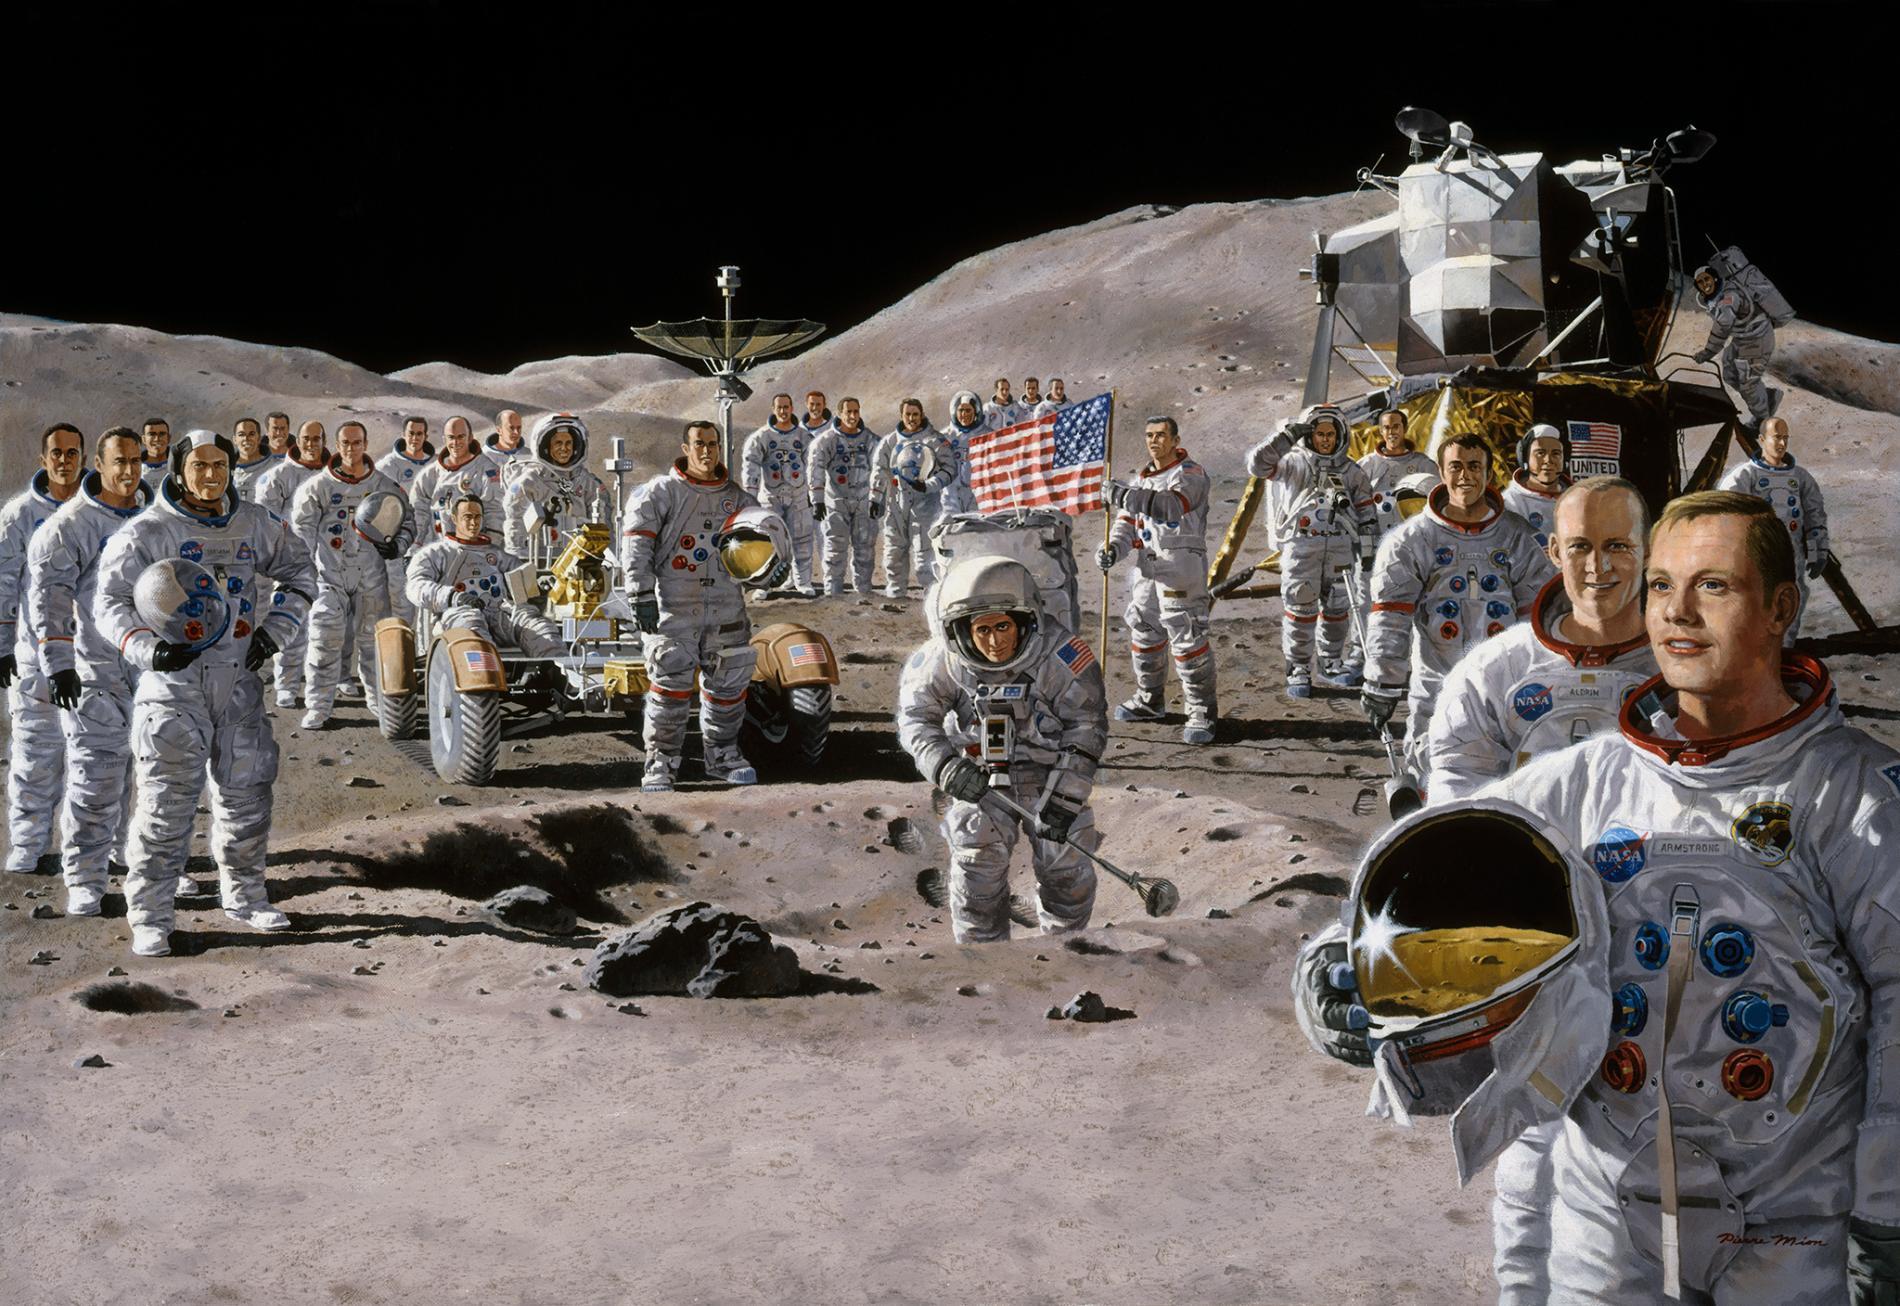 такие фотографии астронавтов побывавших на луне только